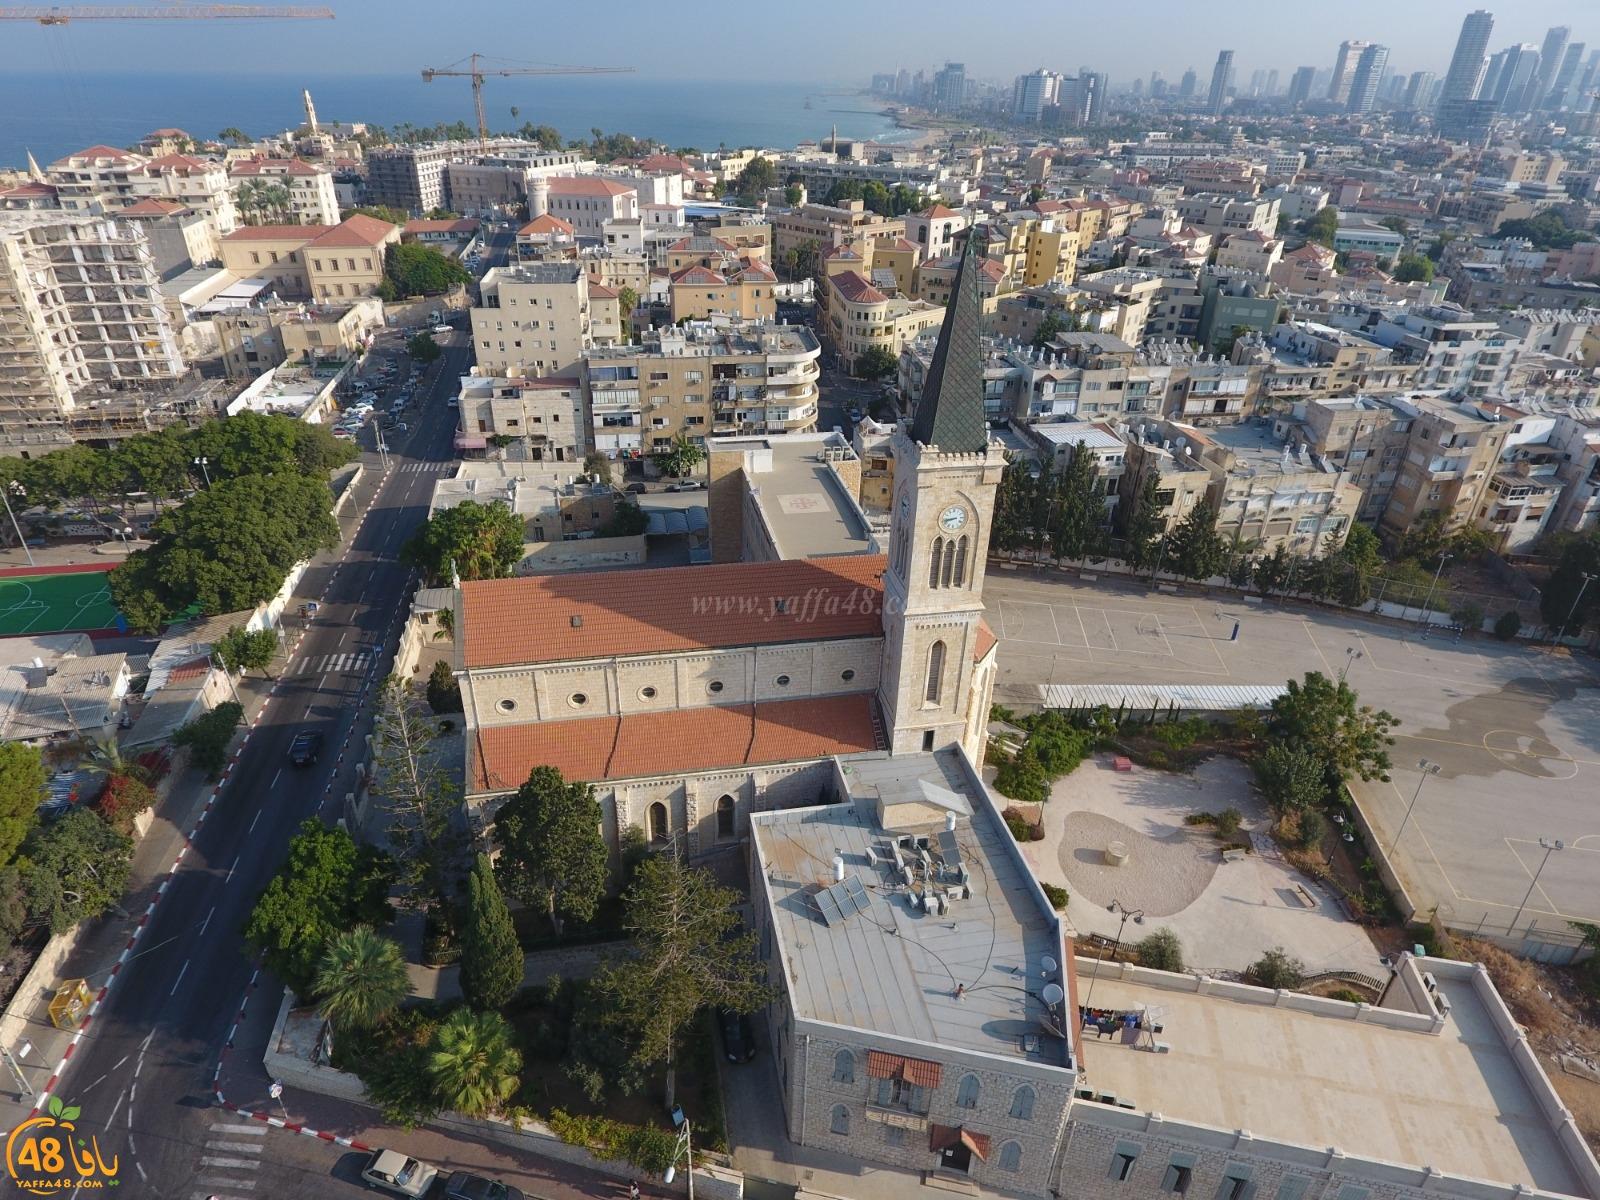 صورتي الأجمل - صور رائعة لمدينة يافا من السماء